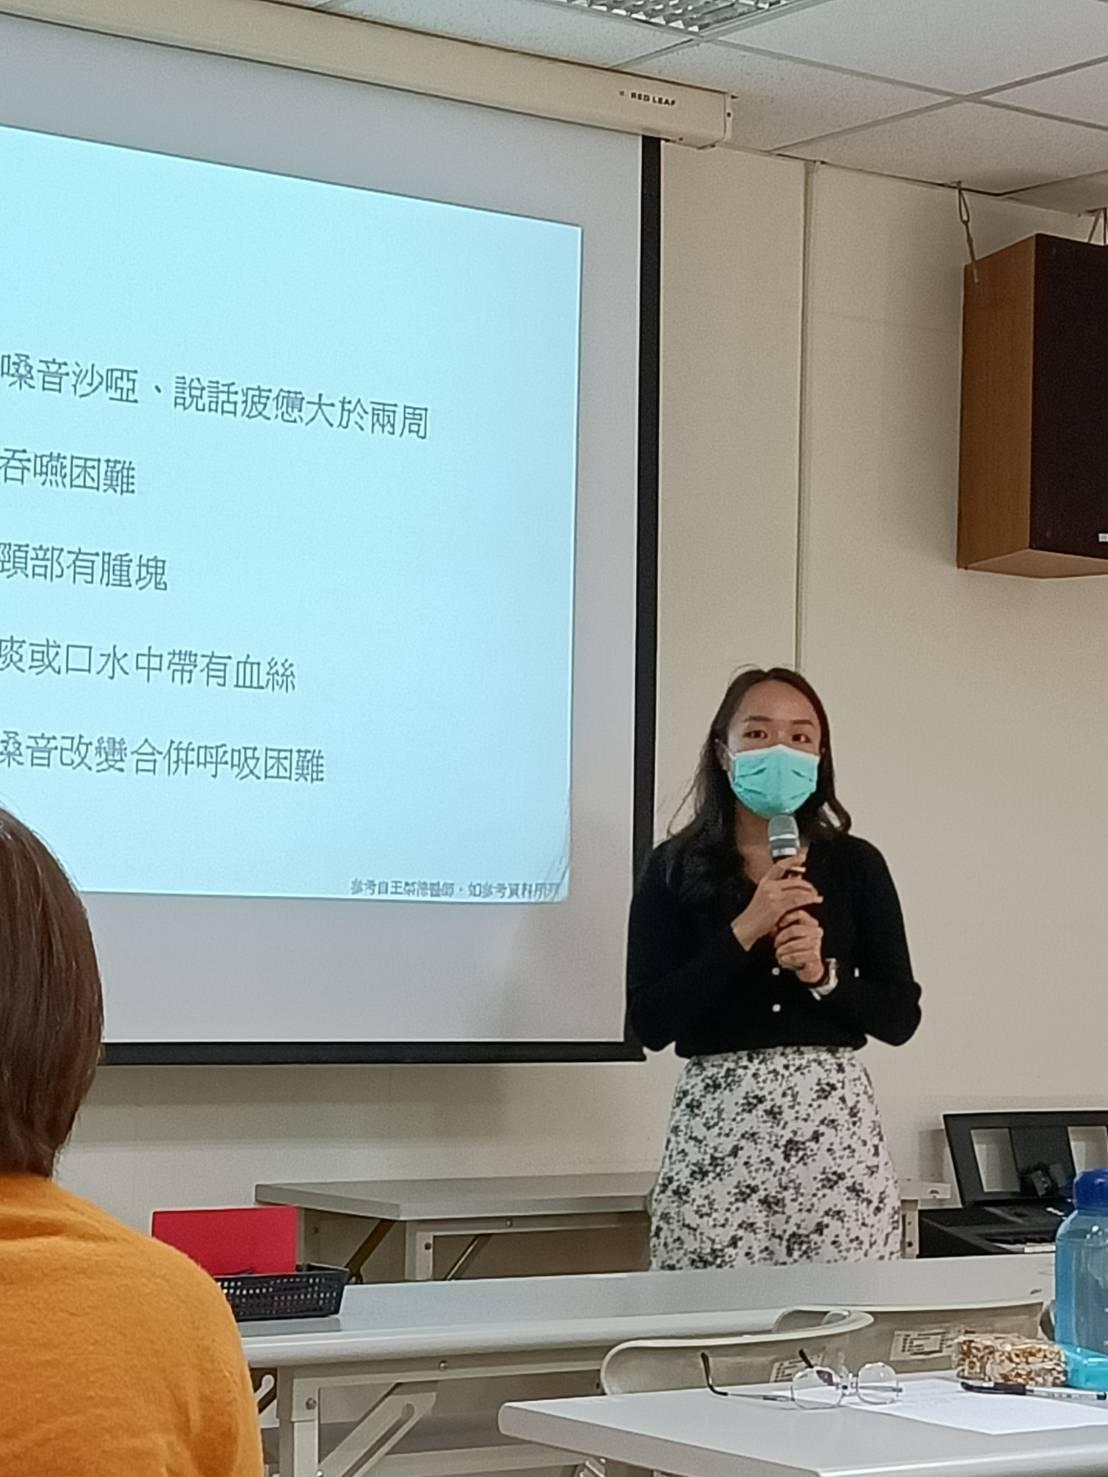 高雄市鳳山老人活動中心110年1月份志工月會